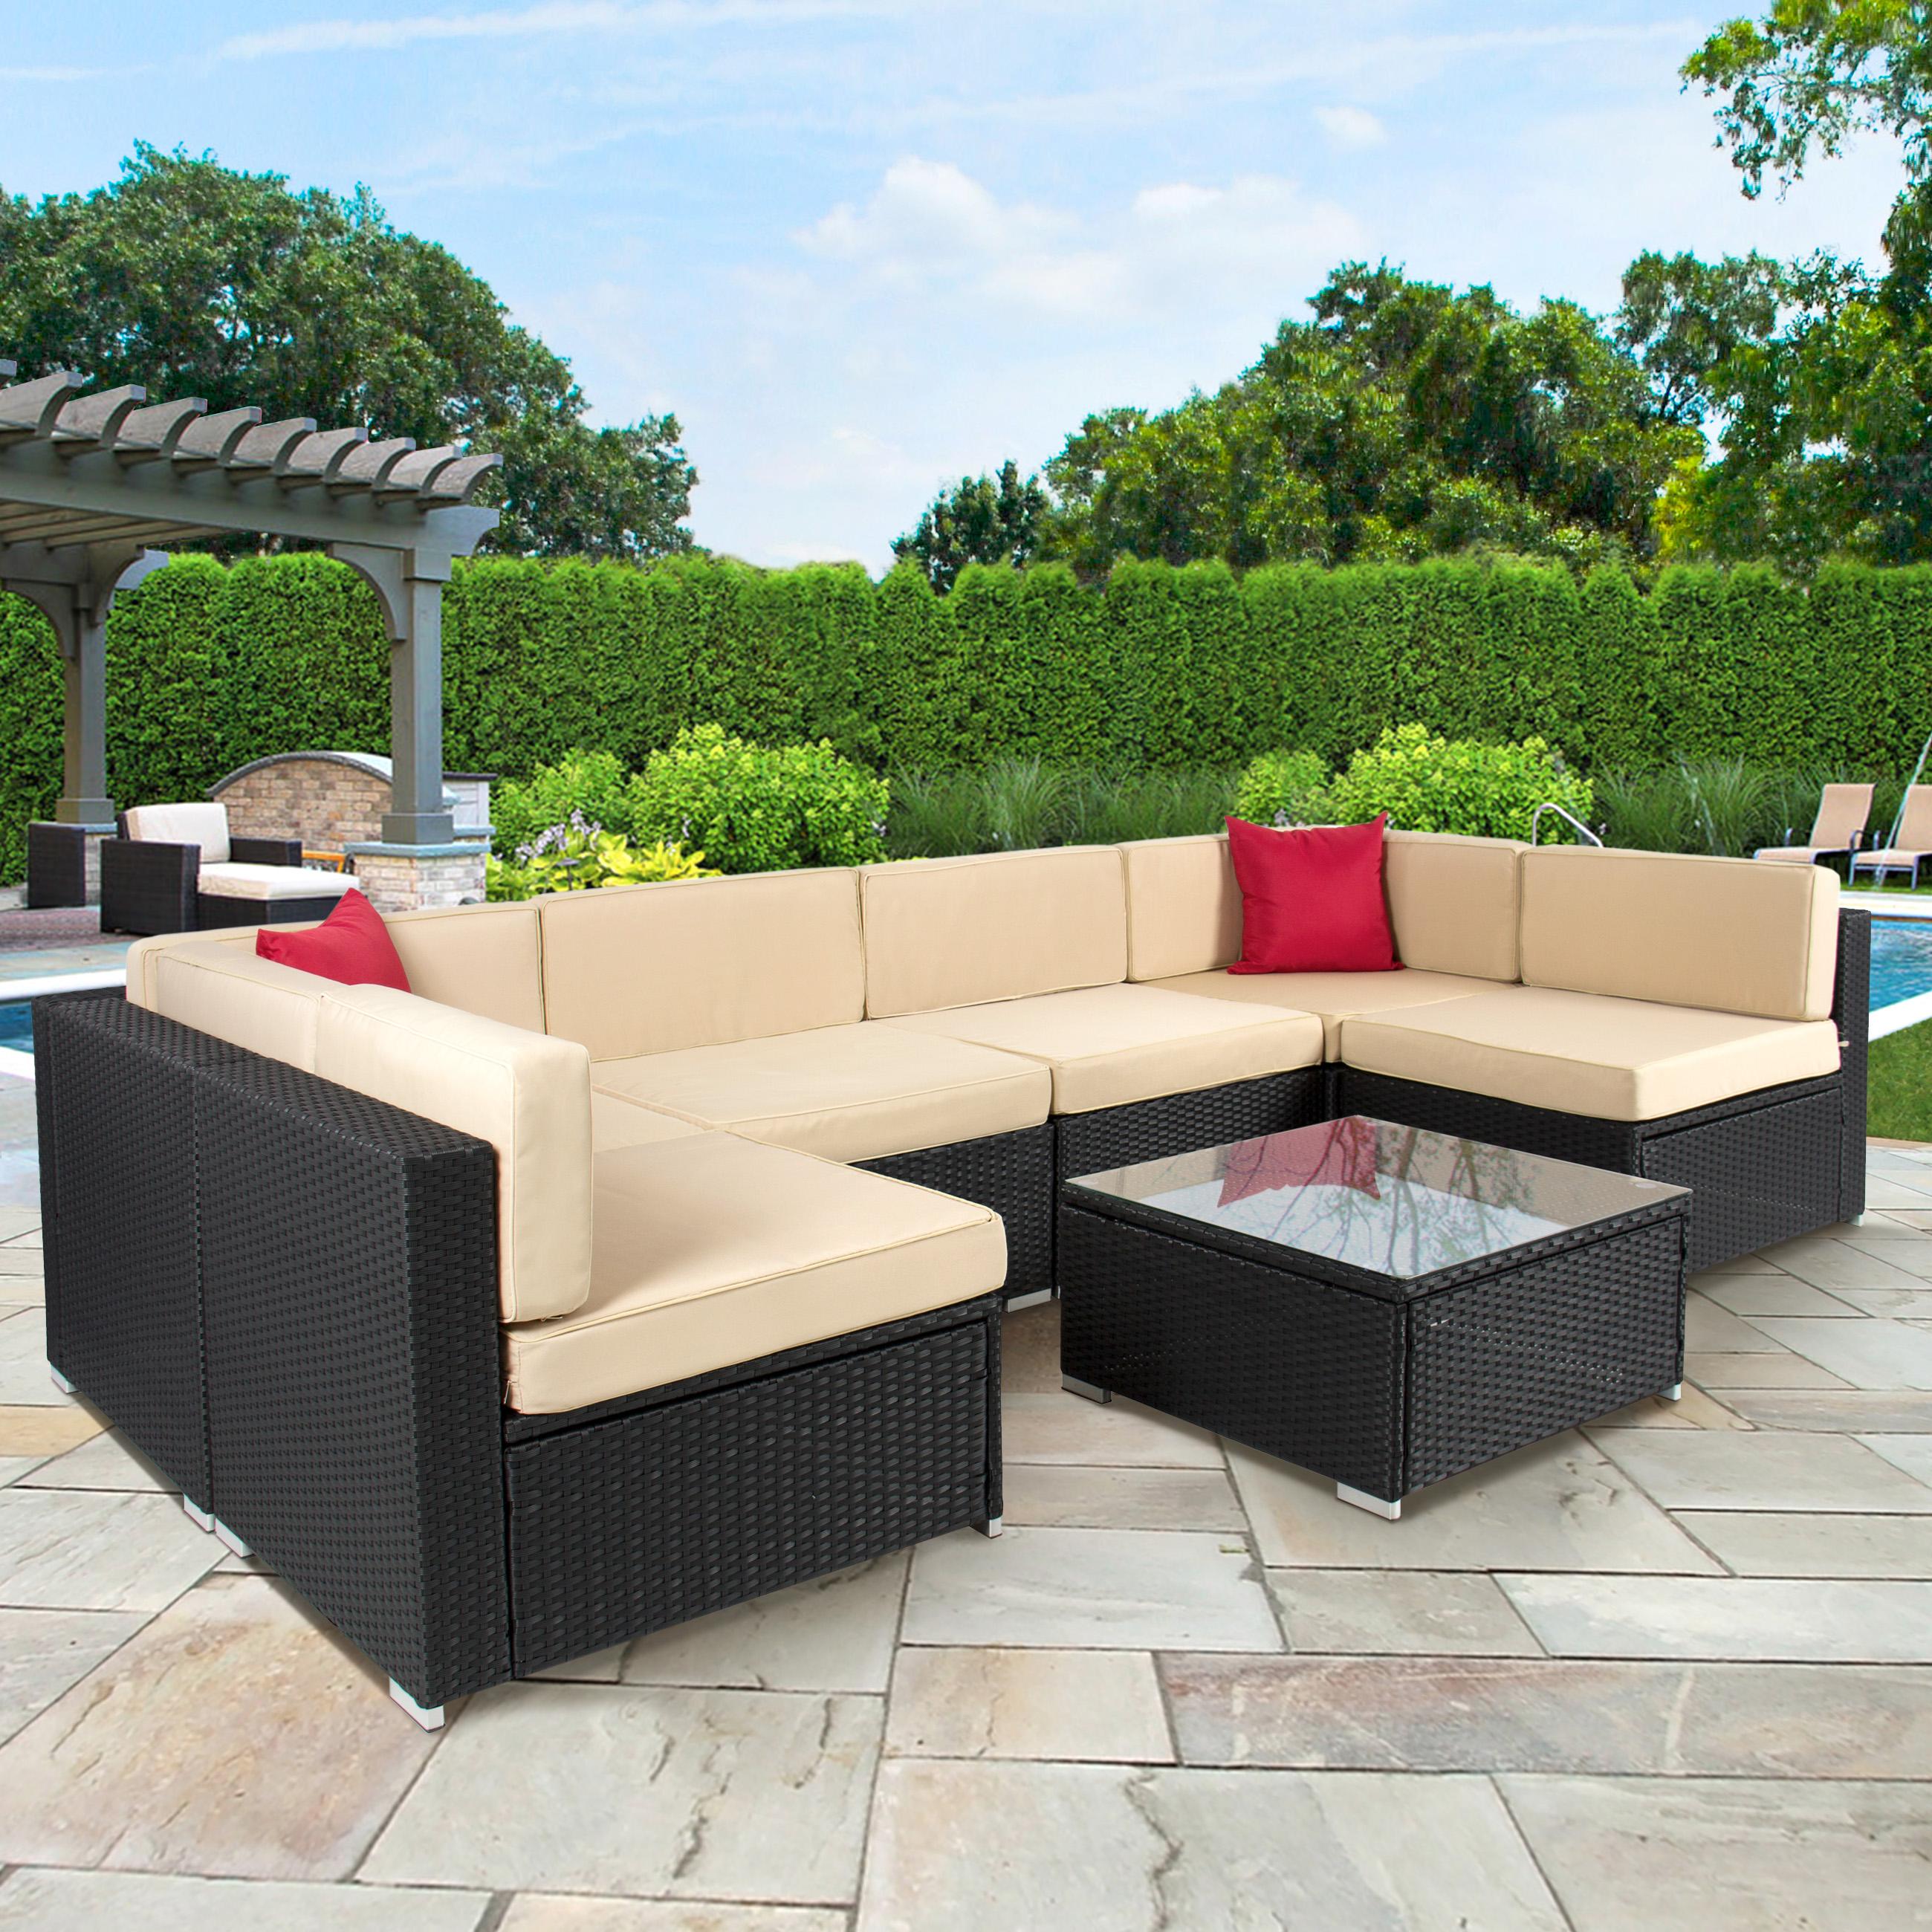 outdoor wicker furniture 4pc outdoor patio garden furniture wicker rattan sofa set black -  walmart.com KDIJACT